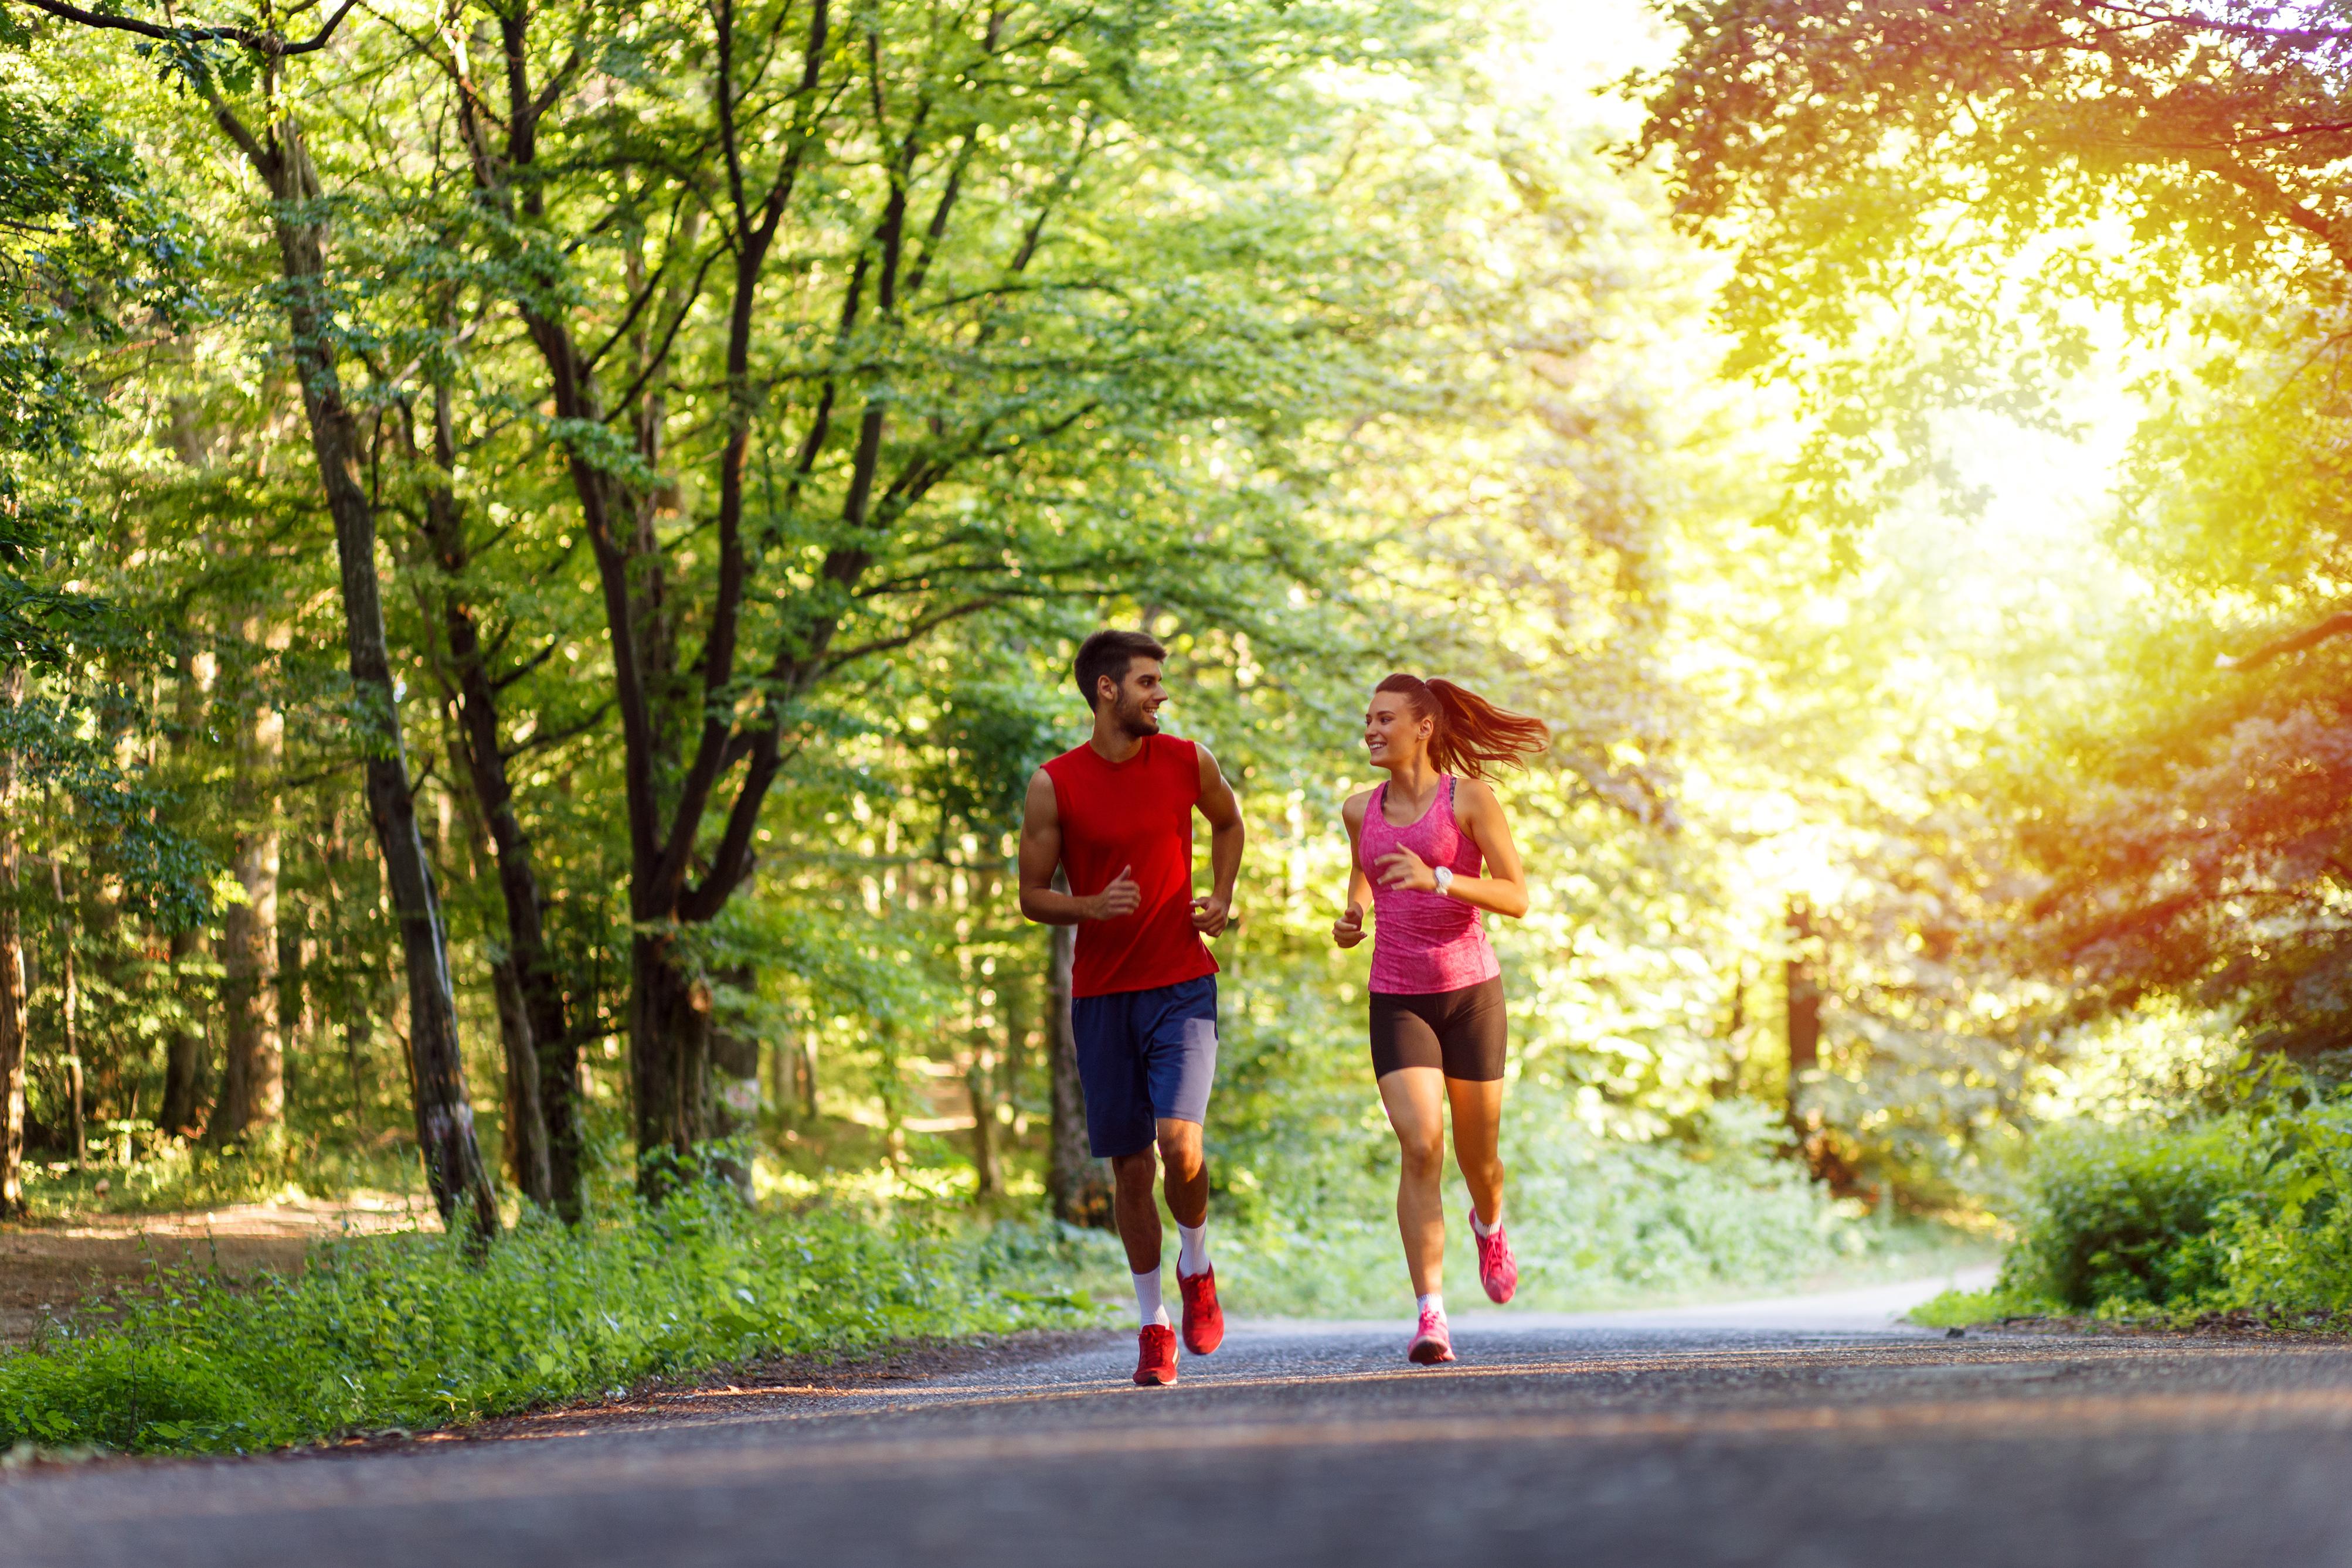 Як правильно дихати під час бігу: важлива техніка і поради